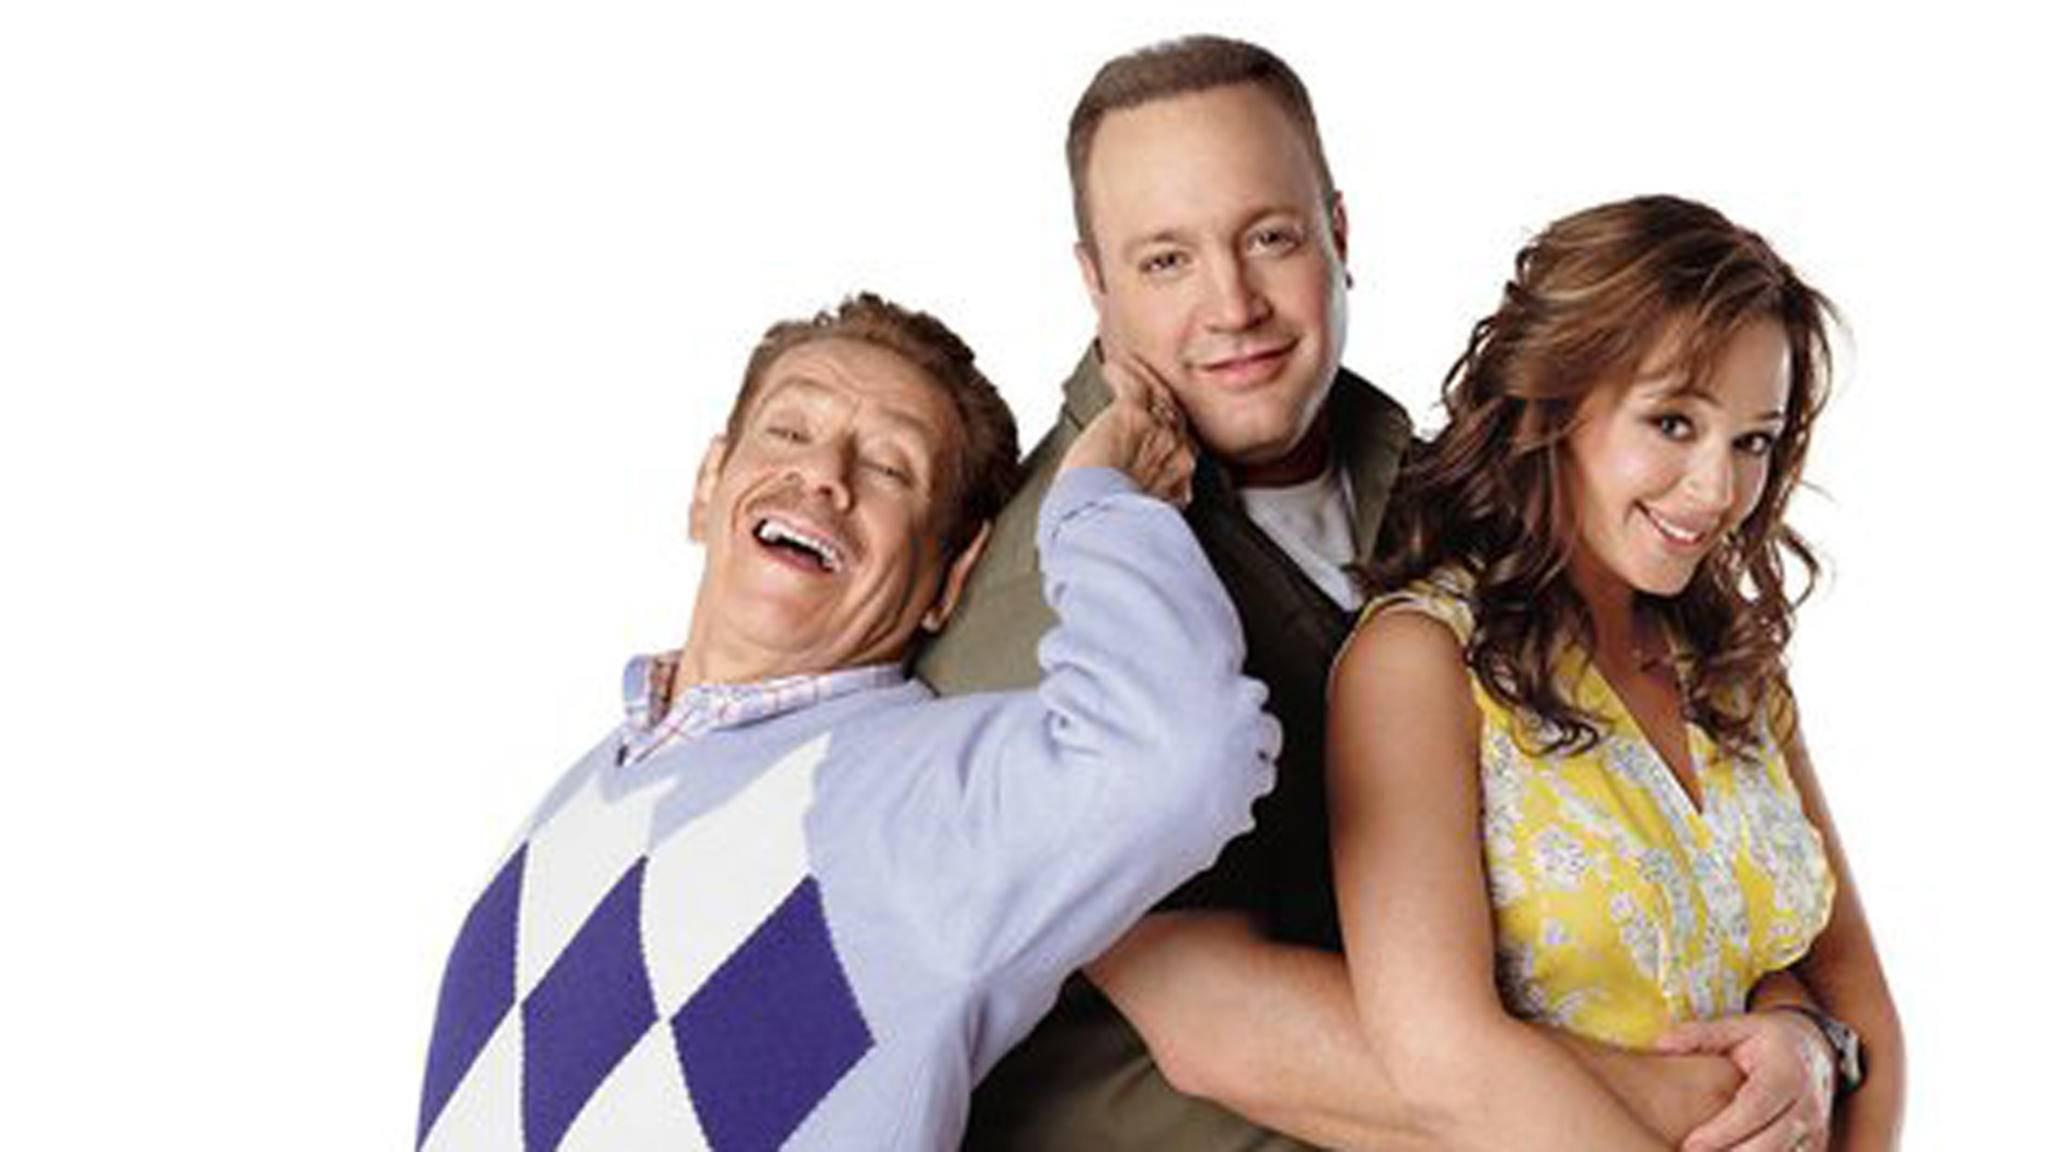 """Carrie und Doug Heffernan bildeten zusammen mit Arthur Spooner in """"King of Queens"""" eine liebenswürdige Chaos-WG."""